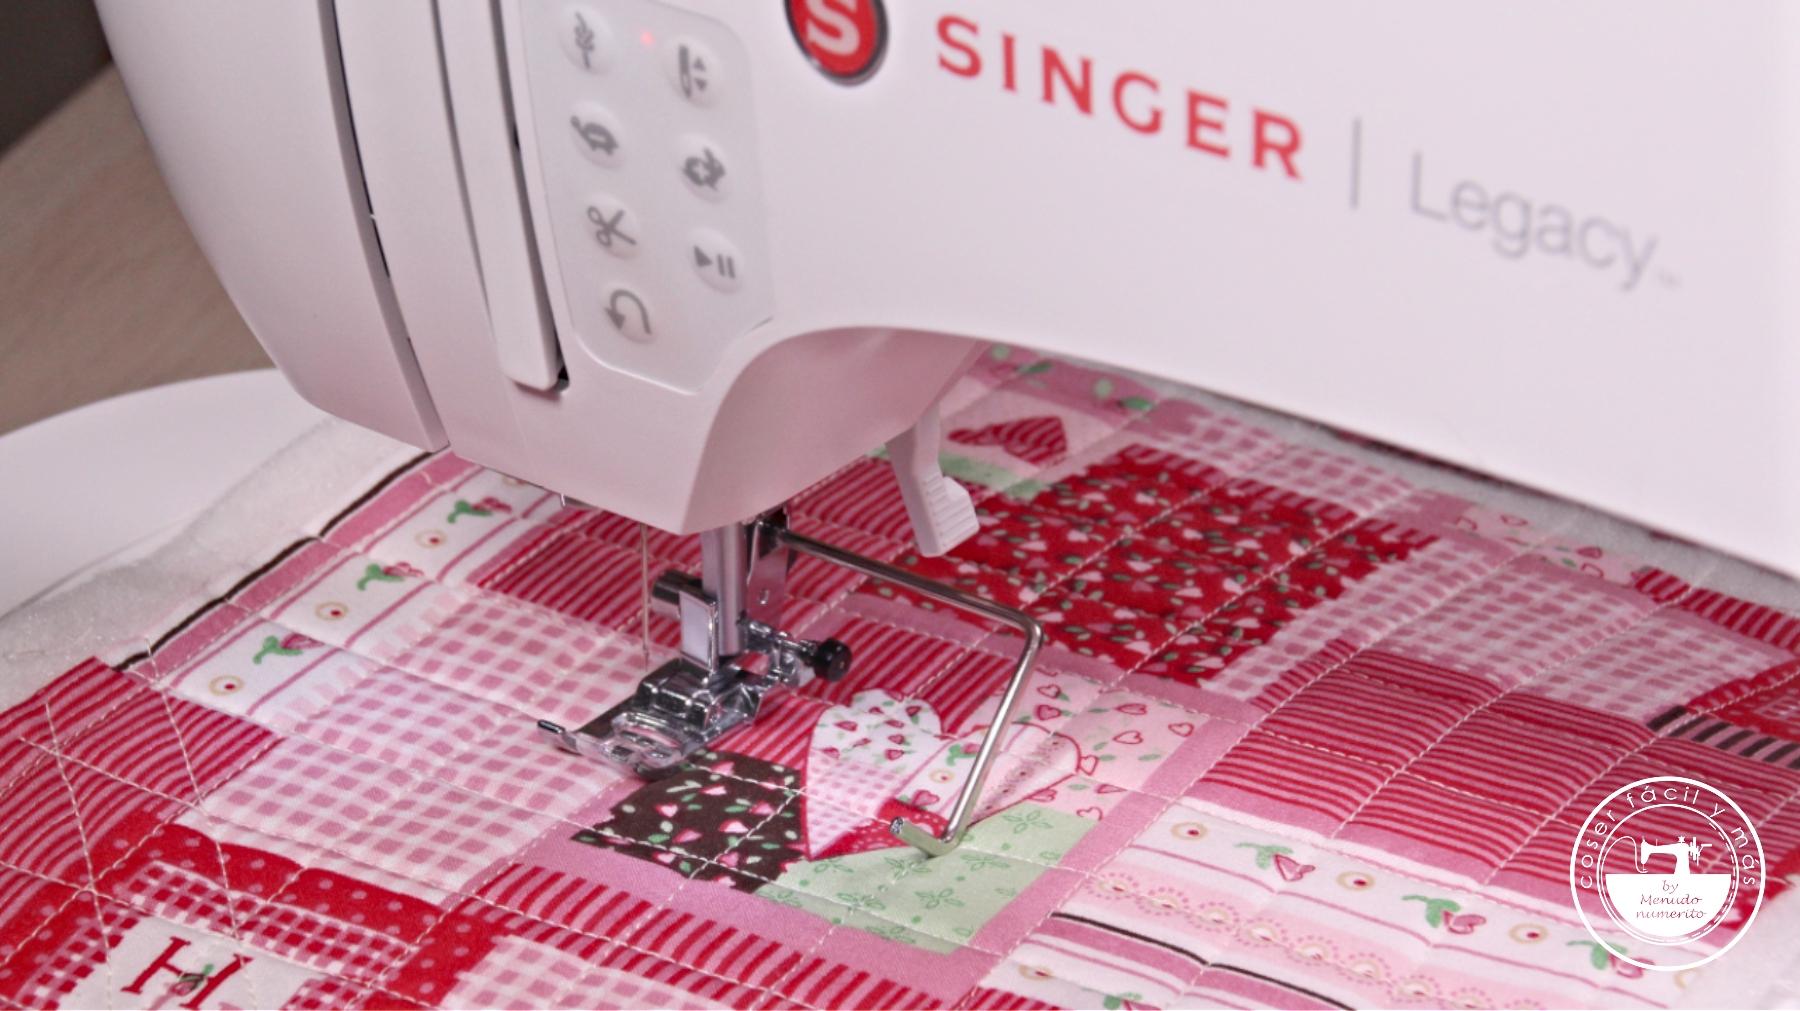 acolchar en línea recta menudo numerito blogs de costura